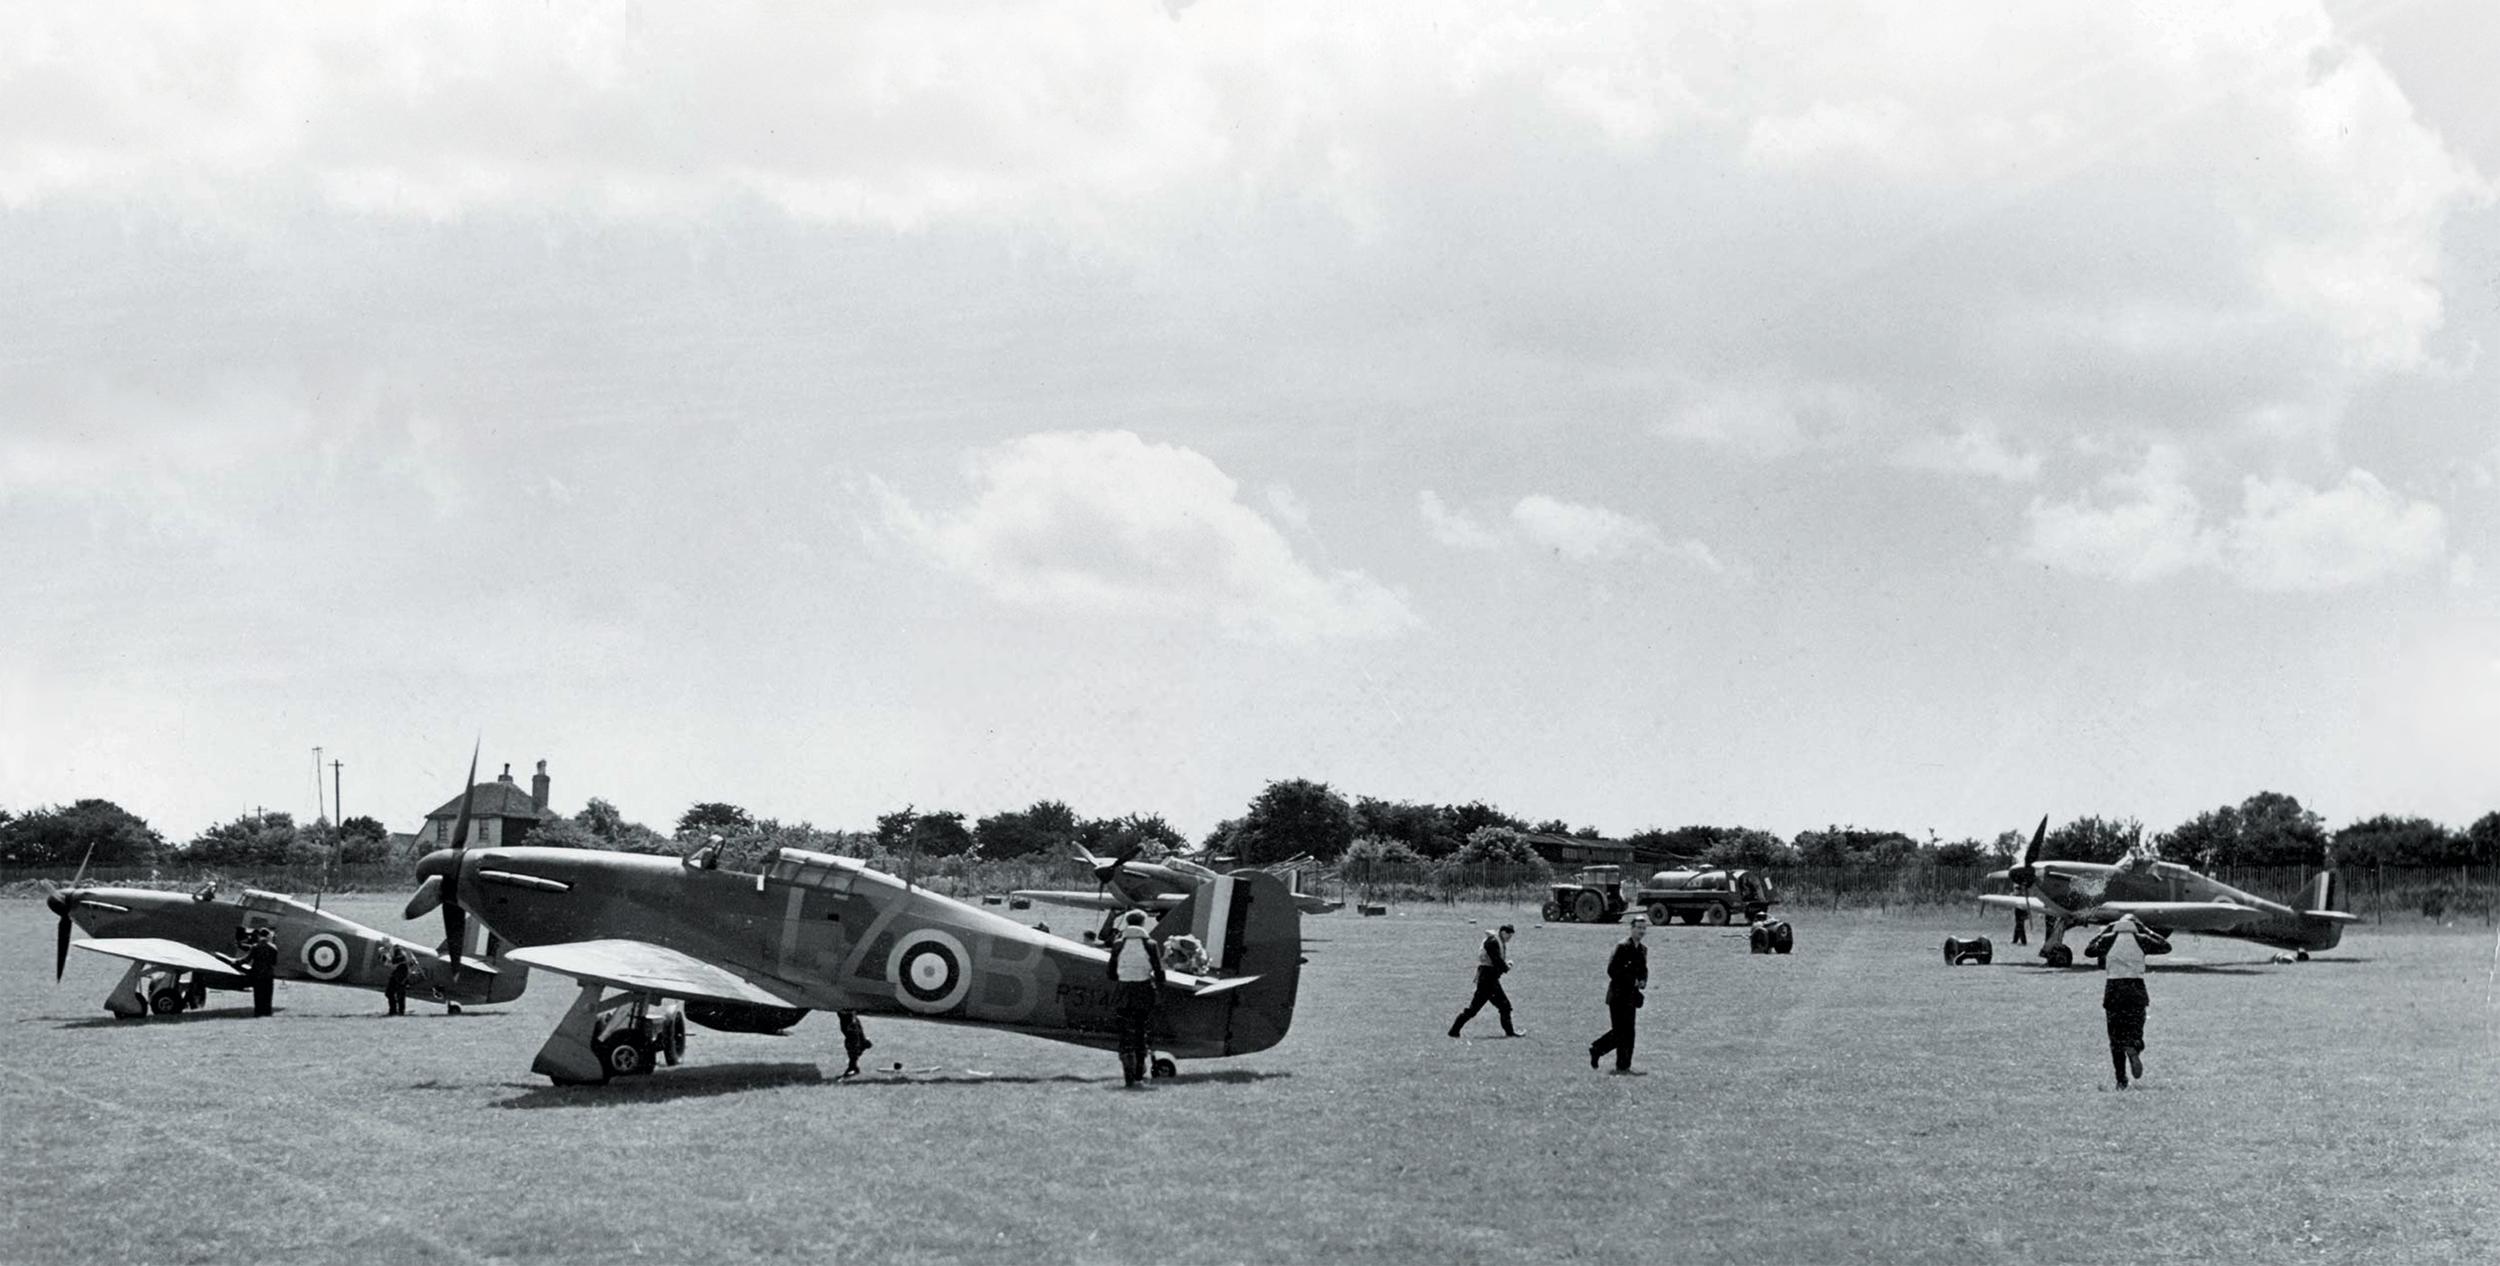 Hurricane I RAF 32Sqn GZB P314x CZK GZT Biggin Hill England July 1940 01a